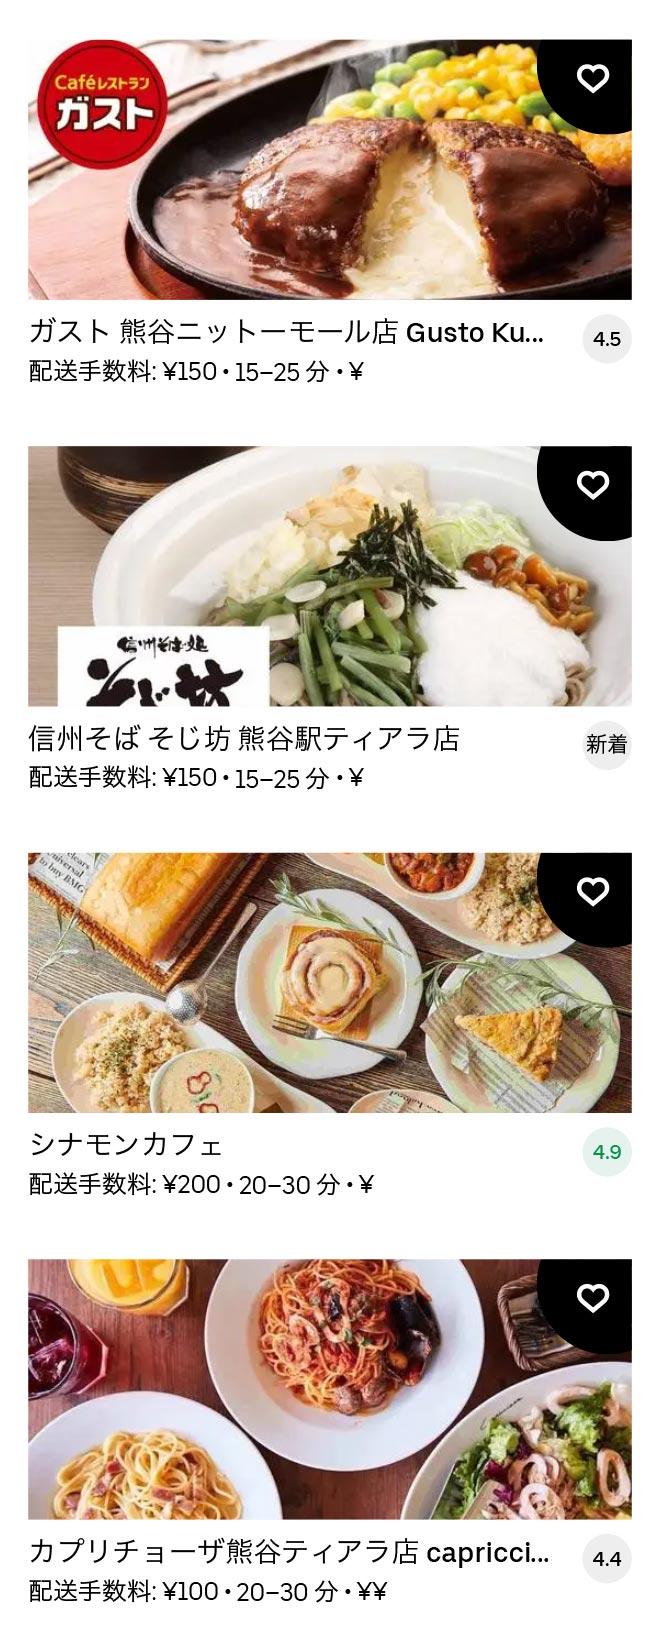 Kumagaya menu 2101 06